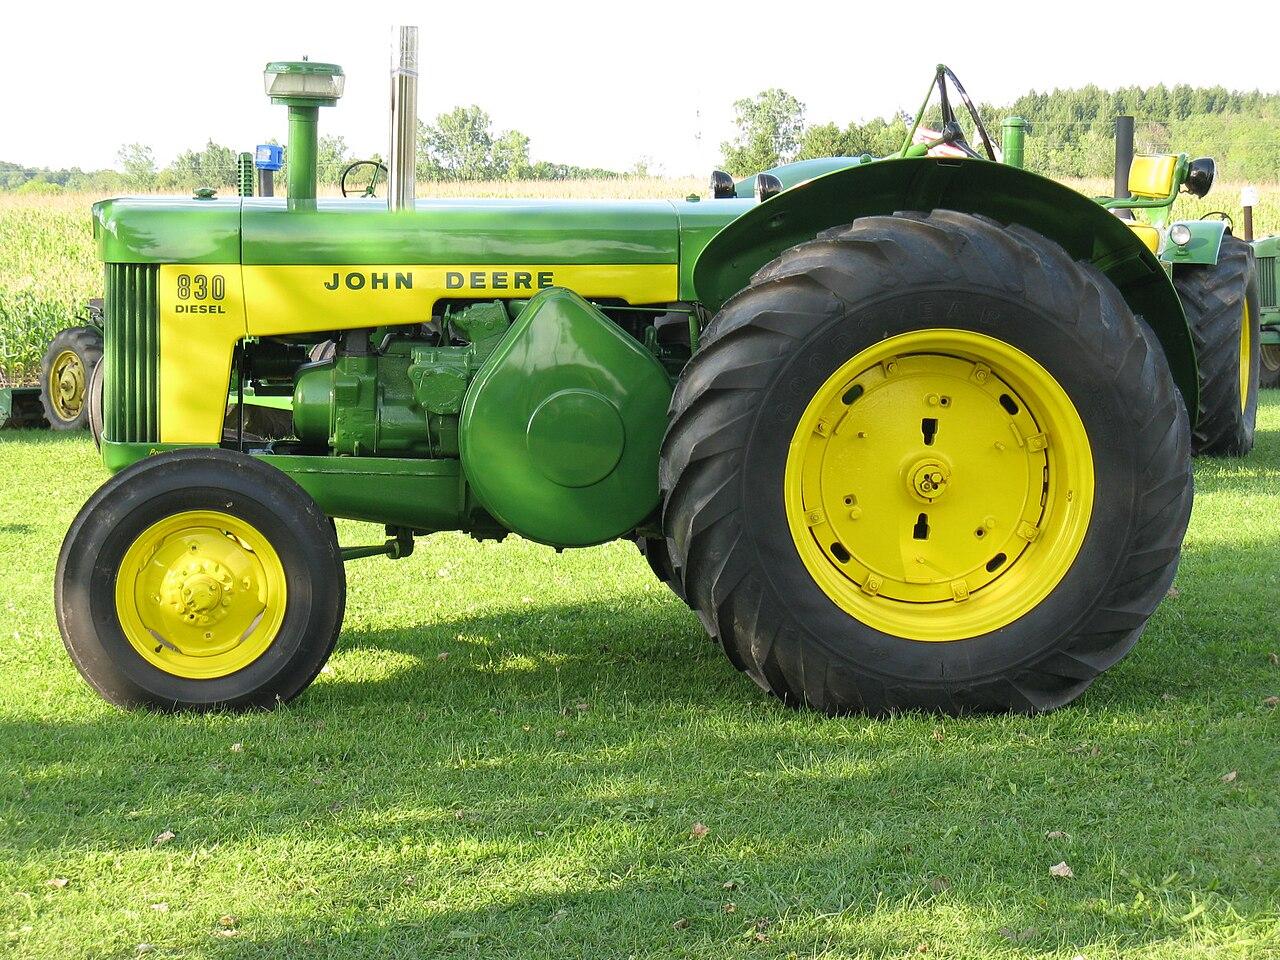 datei:john deere 830 diesel tractor - wikipedia